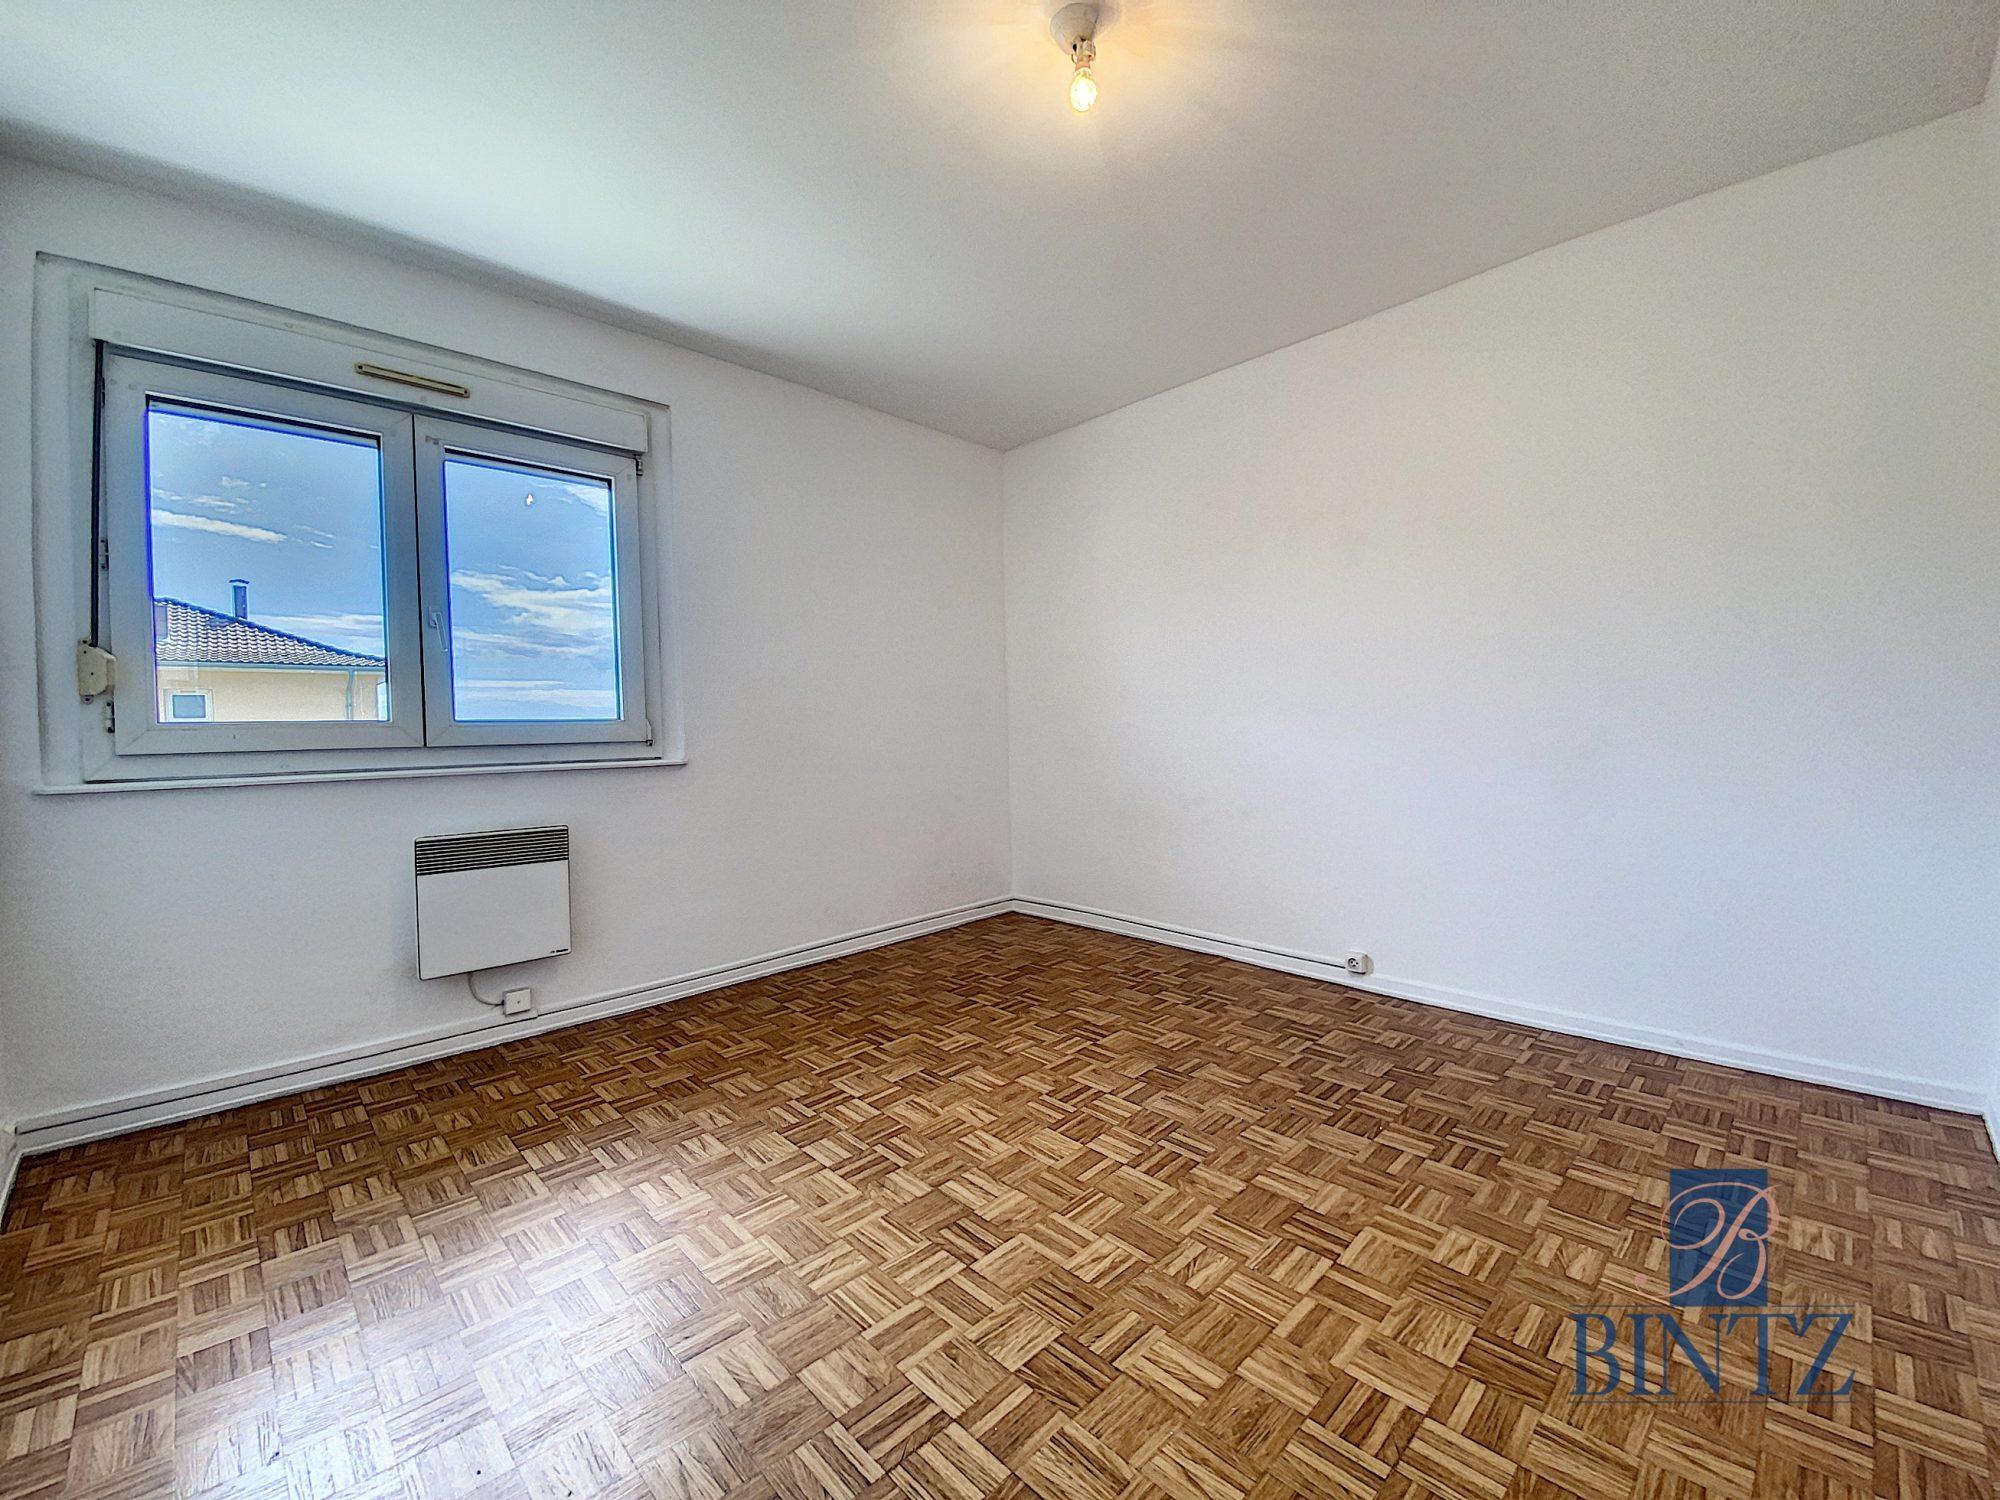 4P MUSAU 4 RIMBACH - Devenez locataire en toute sérénité - Bintz Immobilier - 5